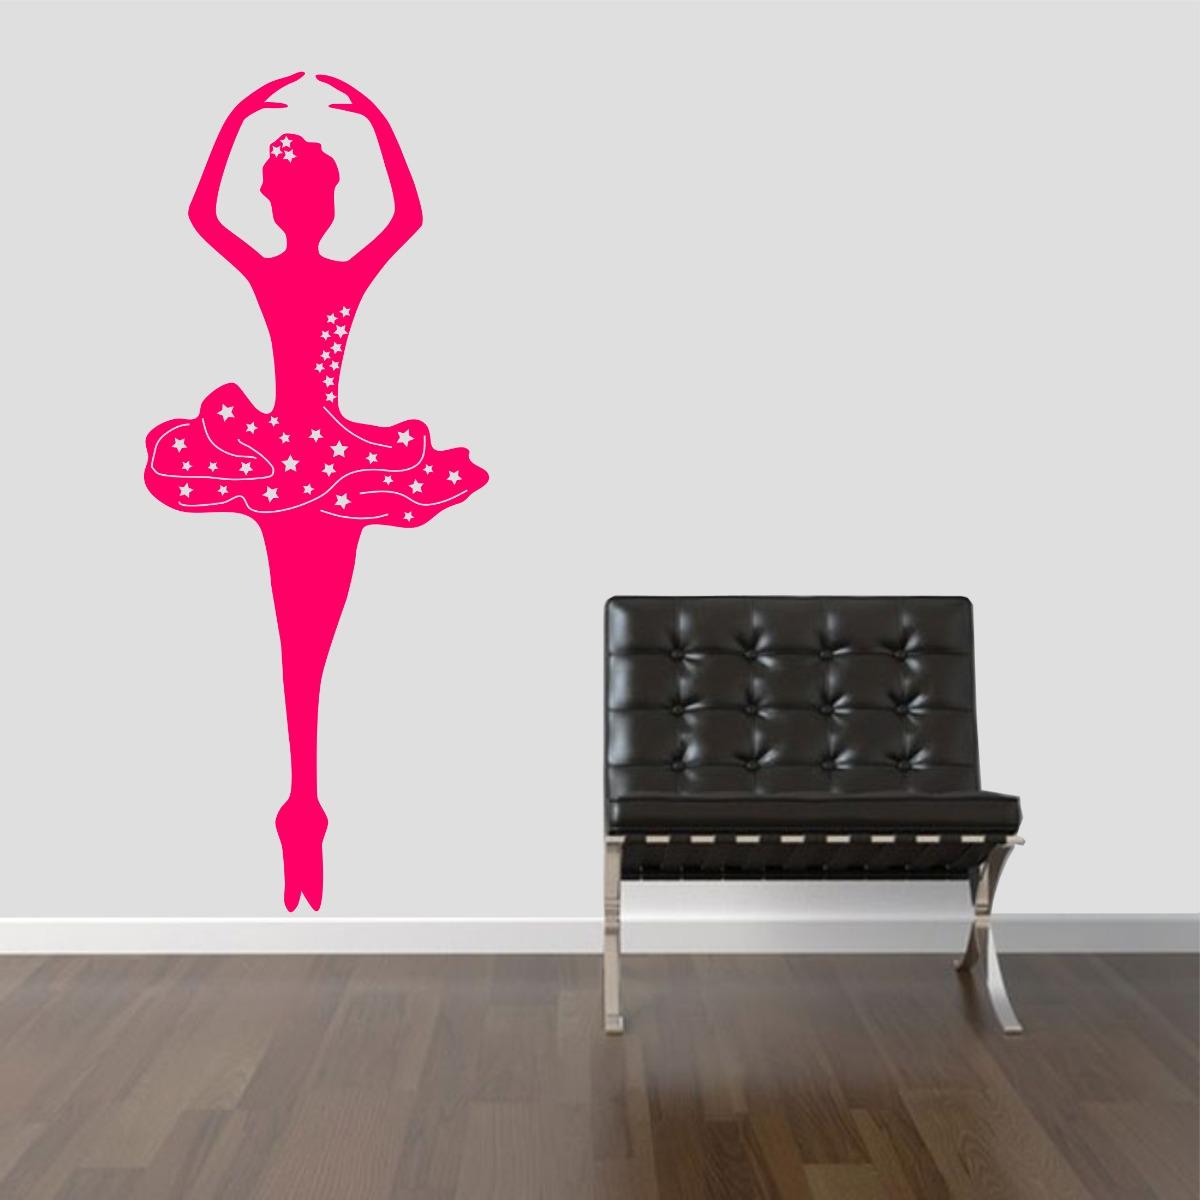 Adesivo Estrela Kalunga ~ Adesivo Decorativo Parede Quarto Infantil Bailarina Rosa R$ 19,99 em Mercado Livre